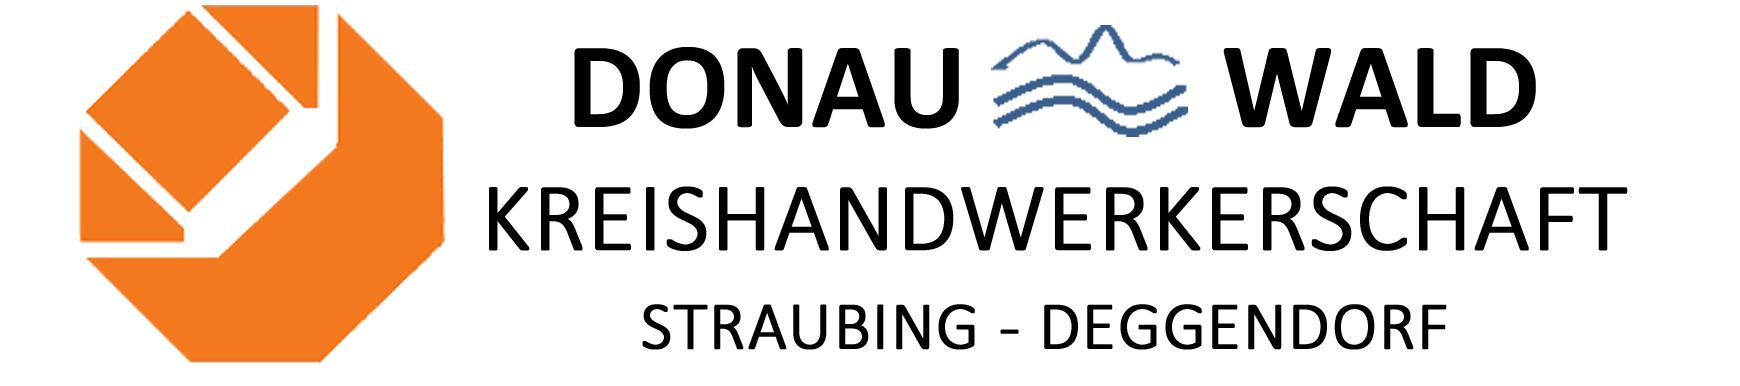 Donau-Wald Kreishandwerkerschaft